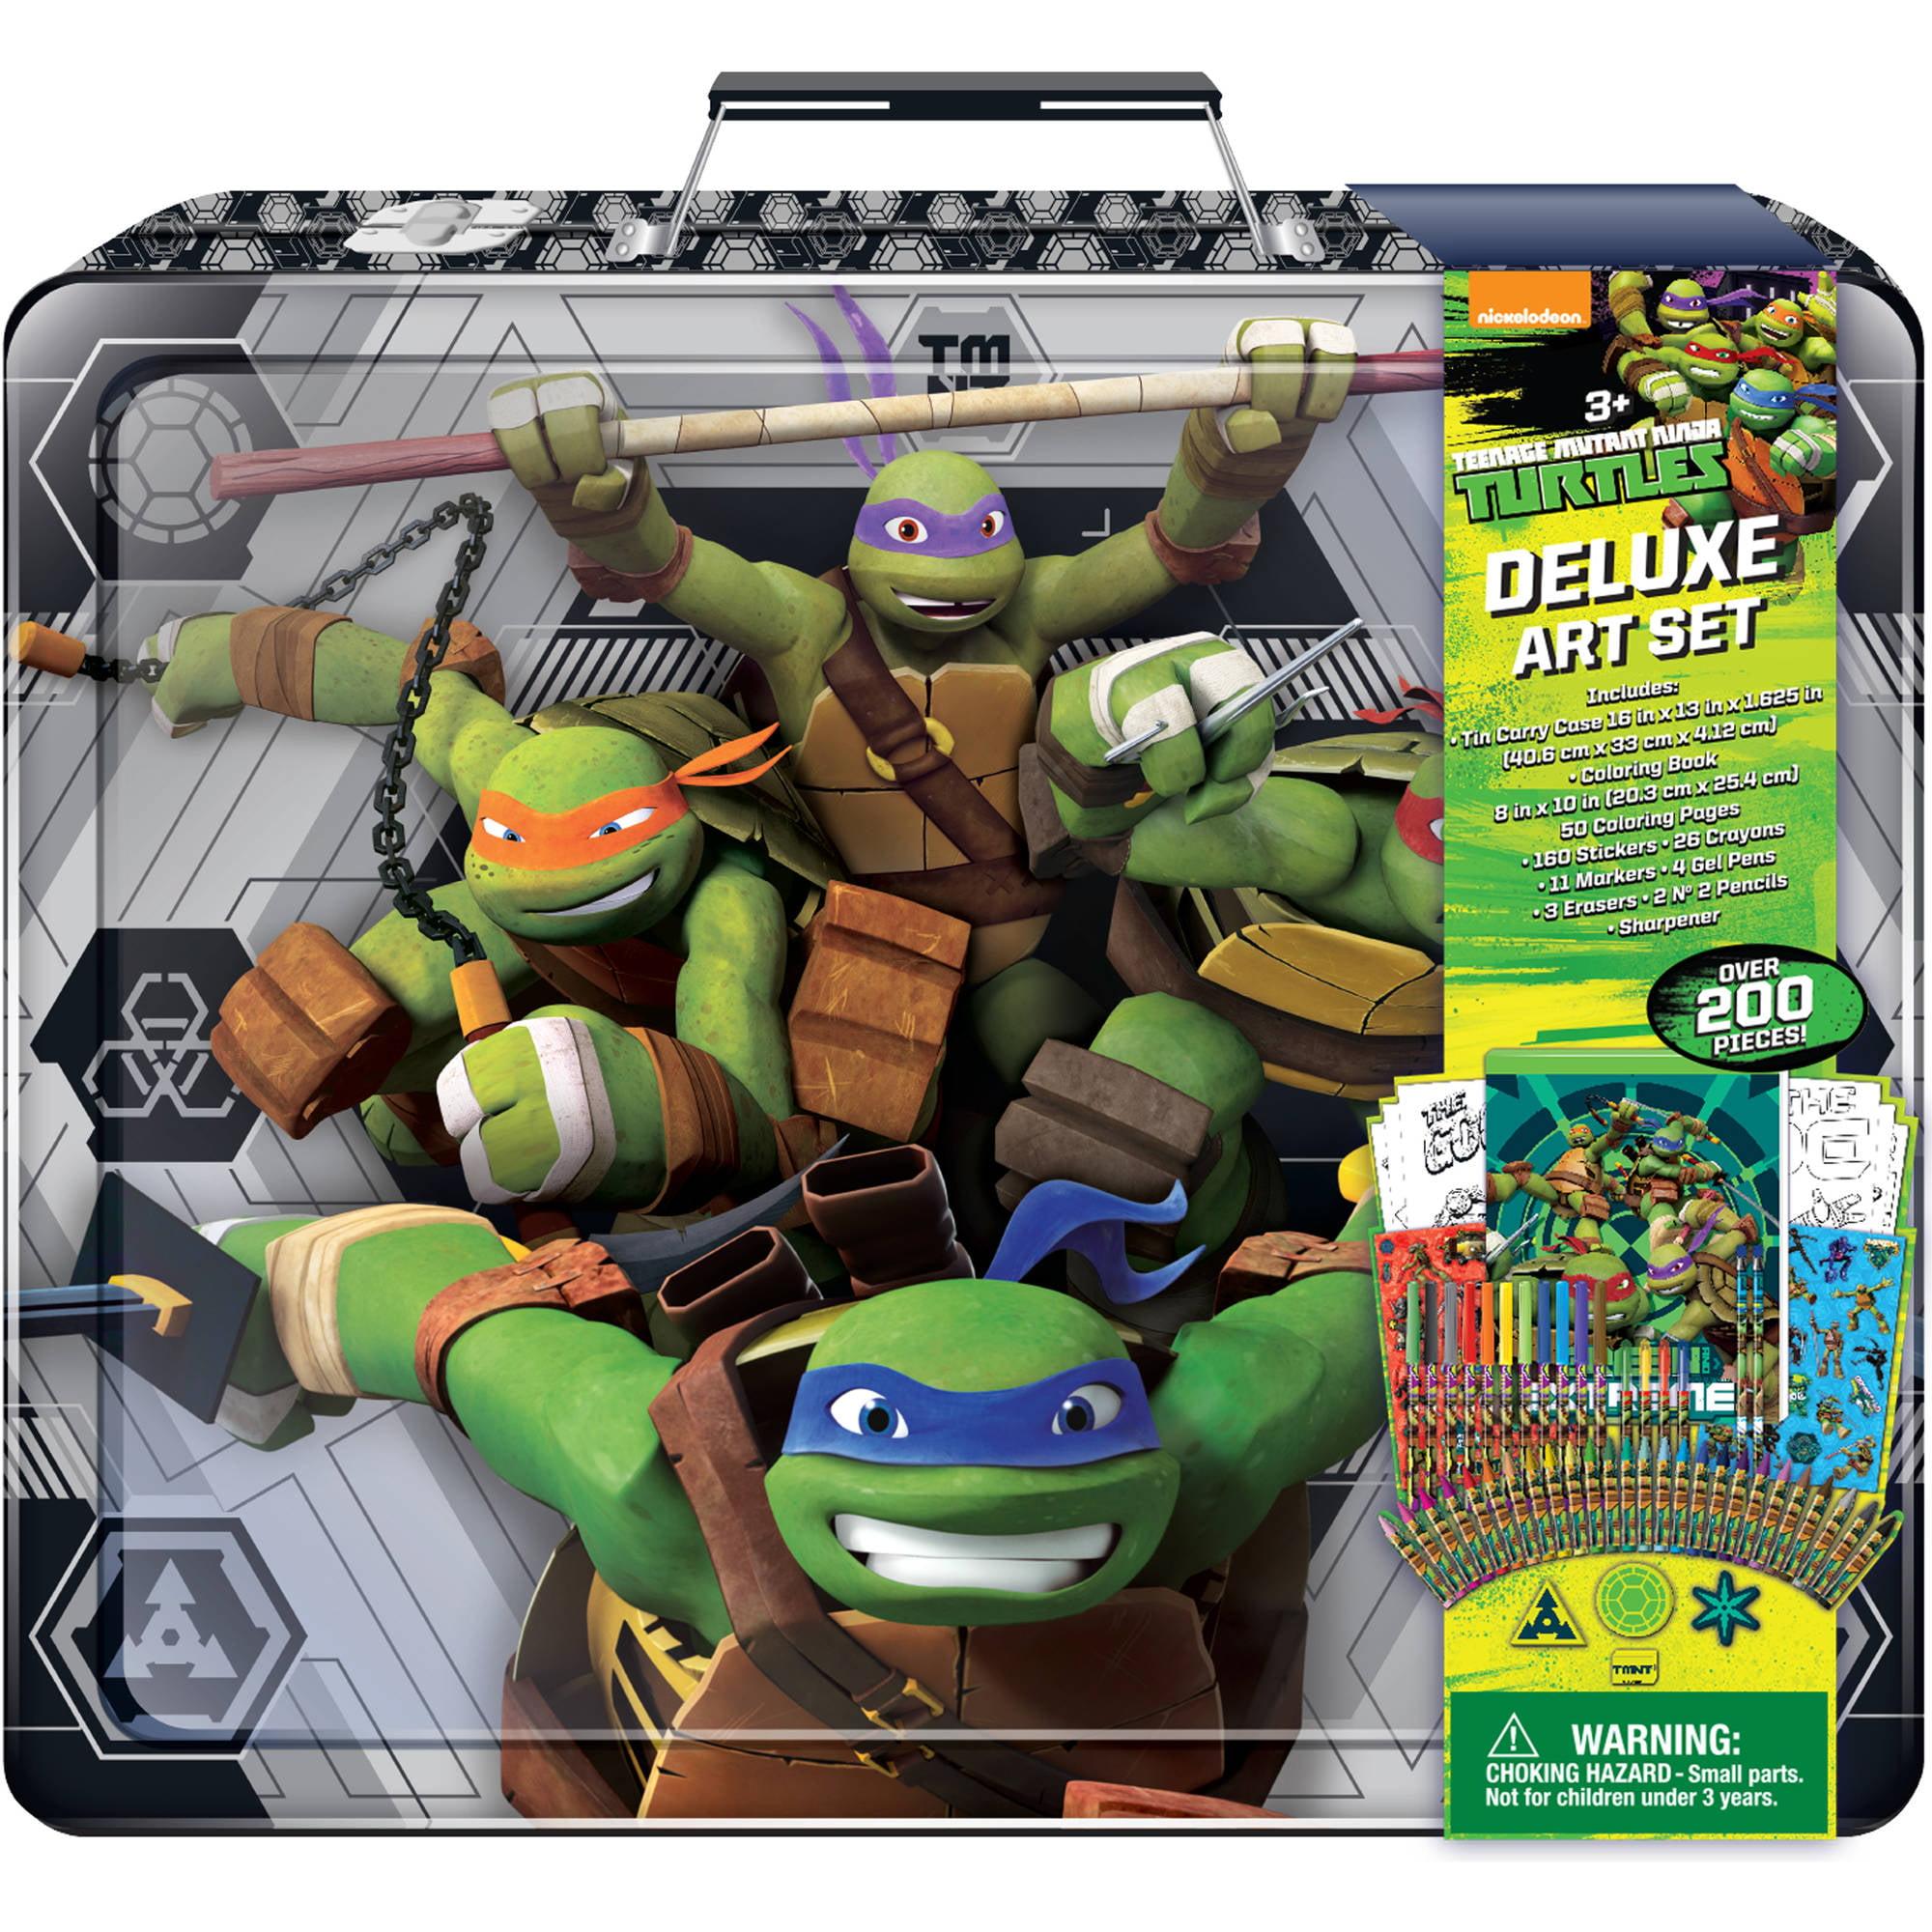 Teenage Mutant Ninja Turtles Deluxe Art Set